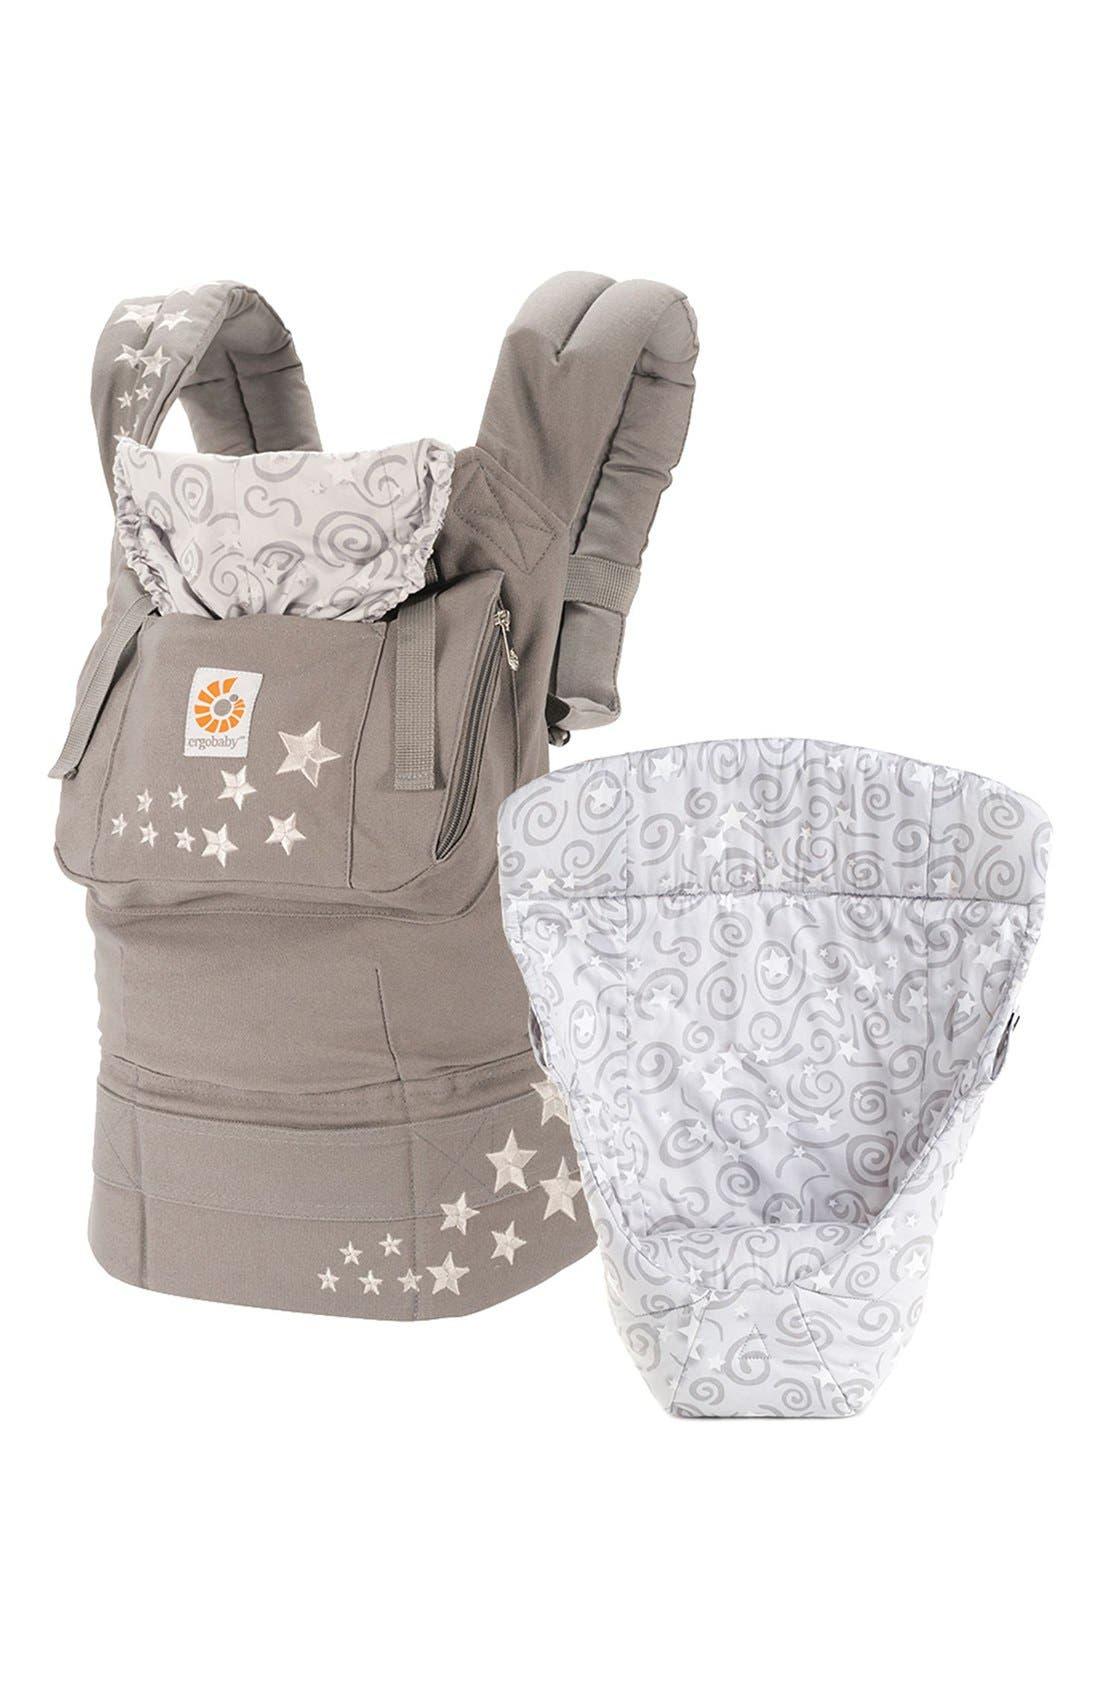 ERGObaby 'Three Position Original - Bundle of Joy' Cotton Baby Carrier & Insert